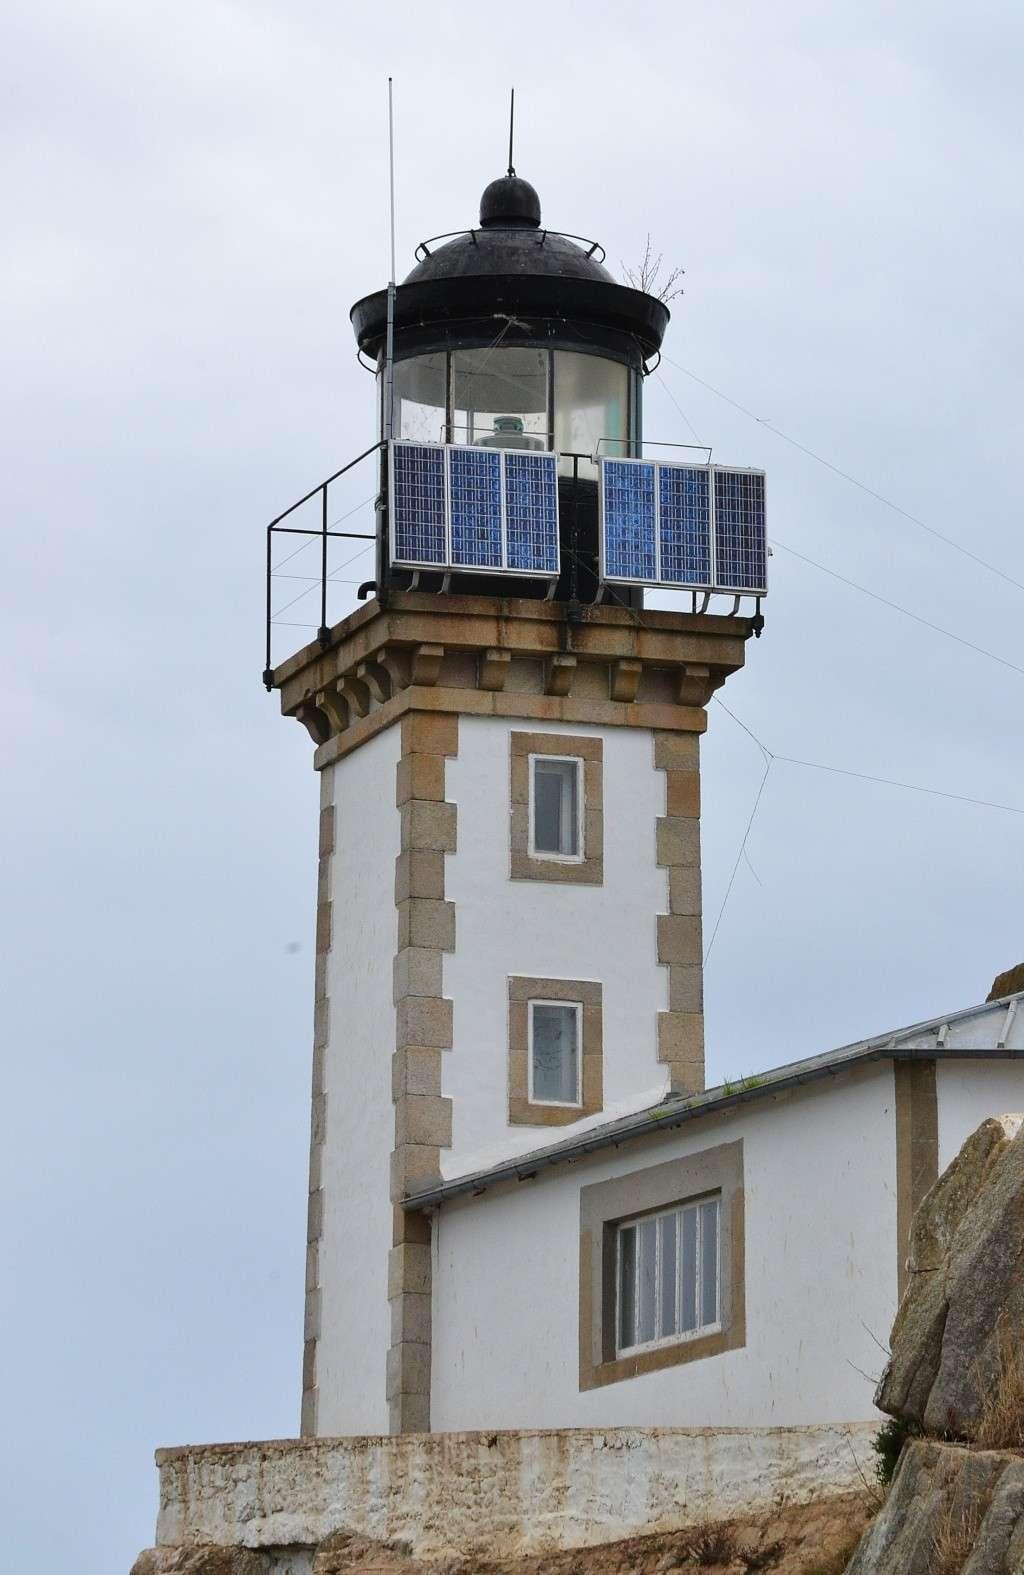 La baie de Morlaix  et le Chateau du Taureau Dsc_0126